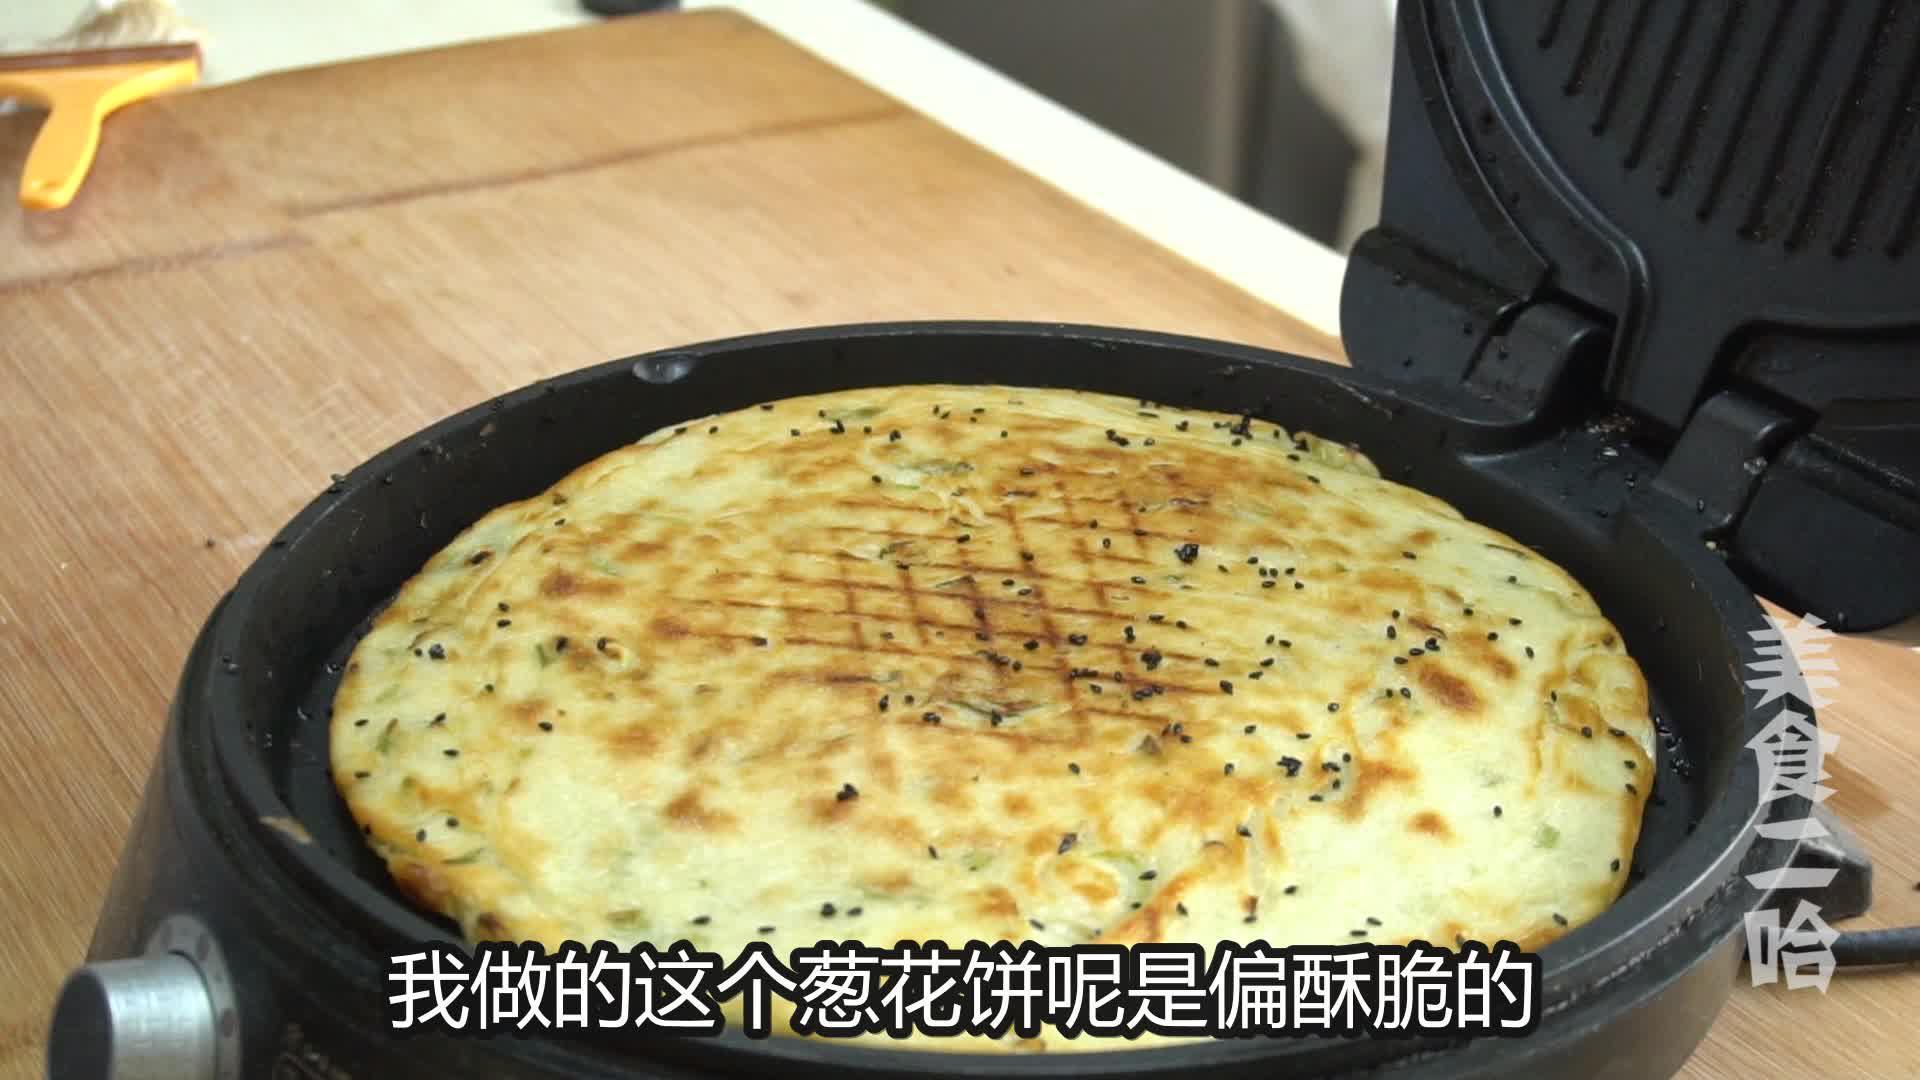 葱花饼这样做,不揉面不擀面,简单酥脆,比买的都好吃